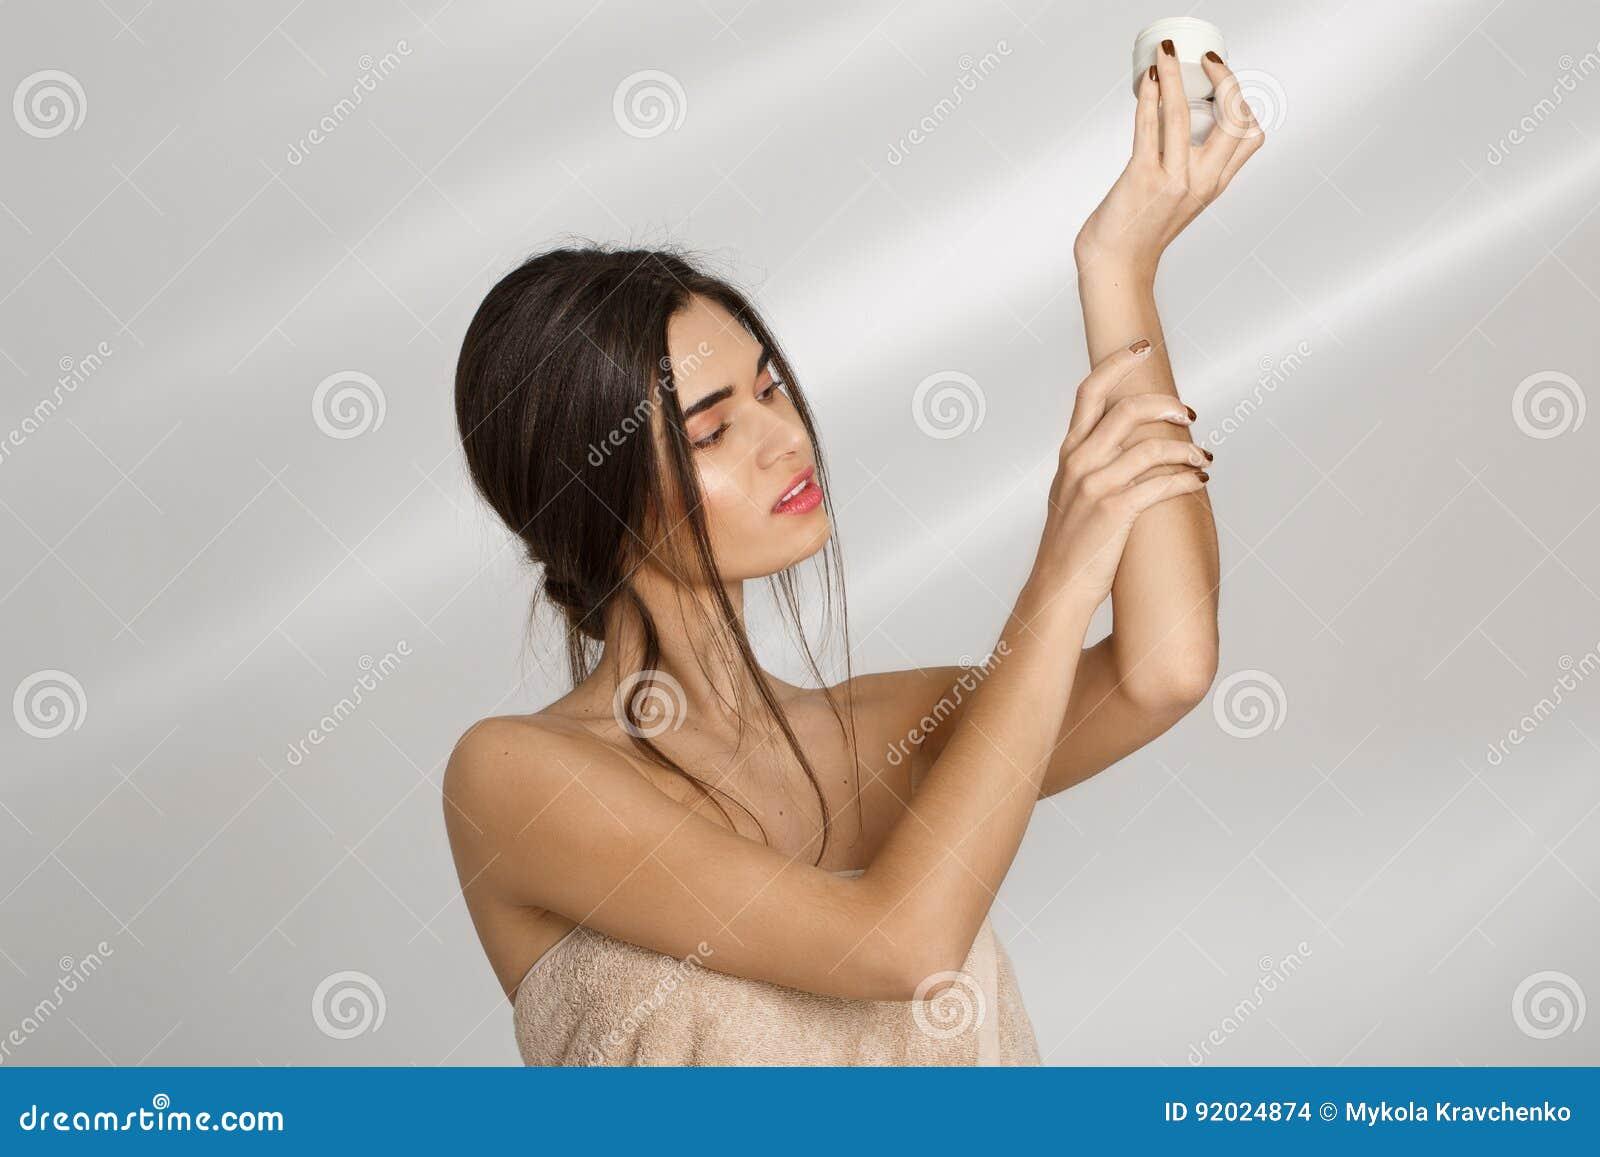 Femme appliquant la crème hydratante sur la main gauche après s être baigné Soin de beauté